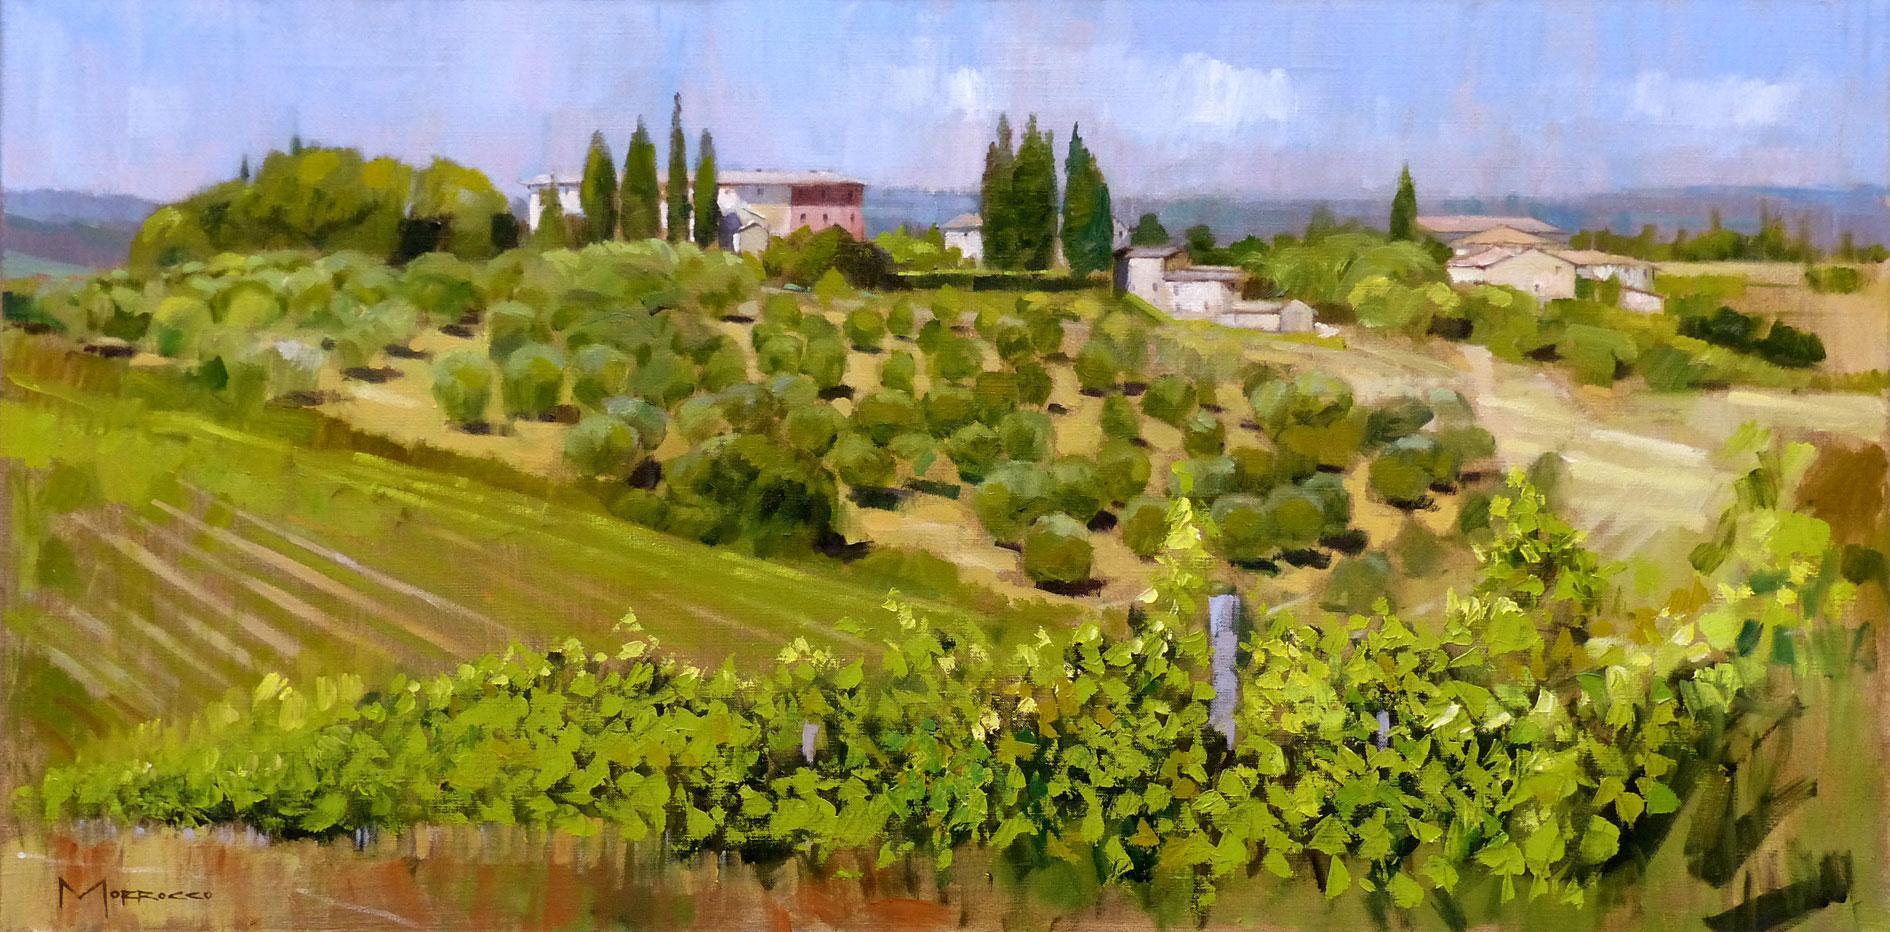 Jack  Morrocco Hilltop Villa near Greve in Chianti